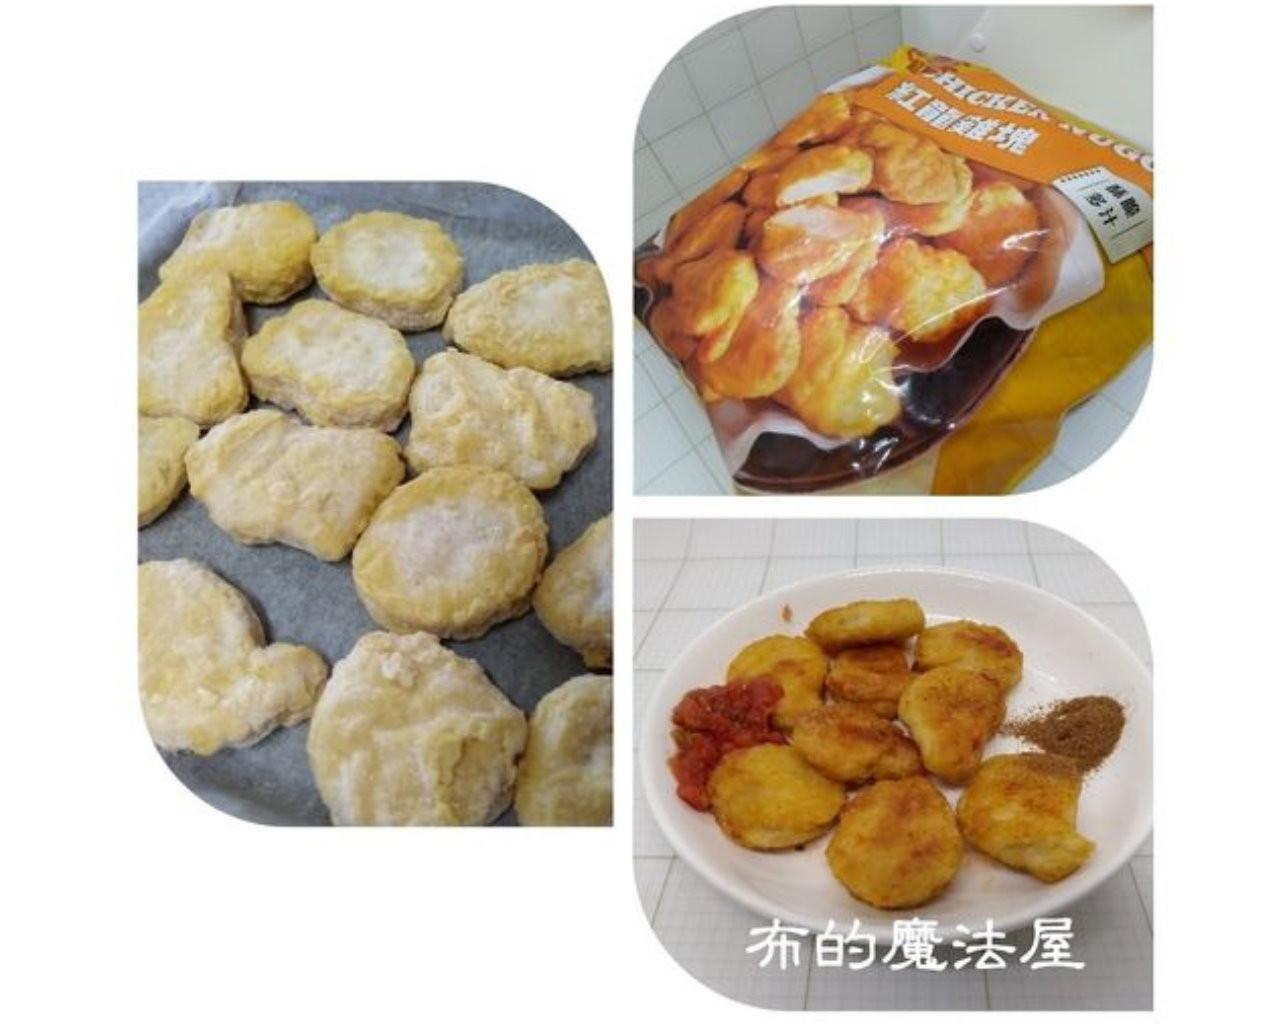 烤箱-烤炸雞塊